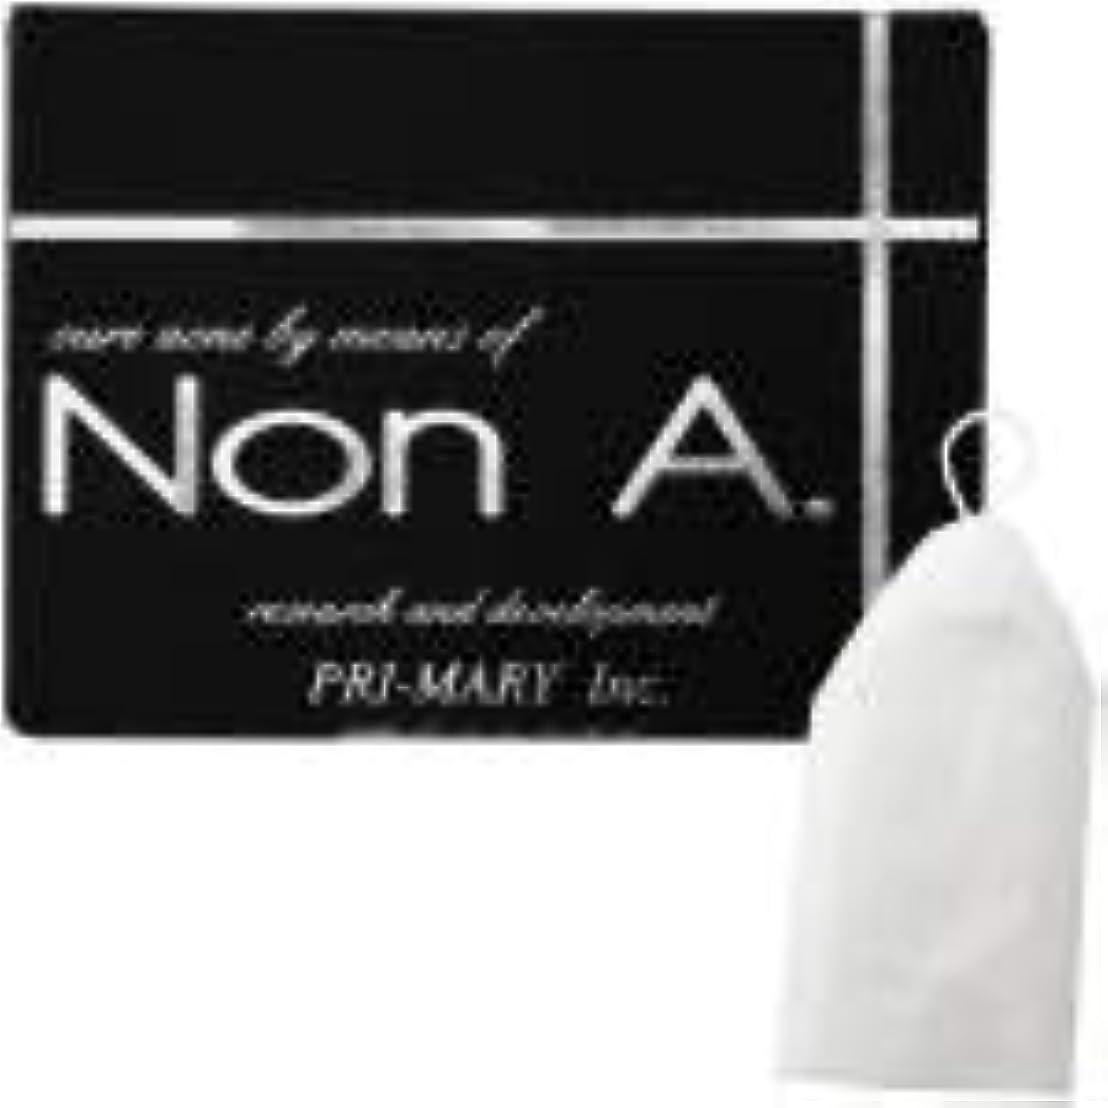 Non A. (ノンエー) 洗顔ソープ [ ニキビ対策 / 100g / 洗顔泡立てネット付 ] 洗顔せっけん ピーリング成分不使用 (プライマリー)